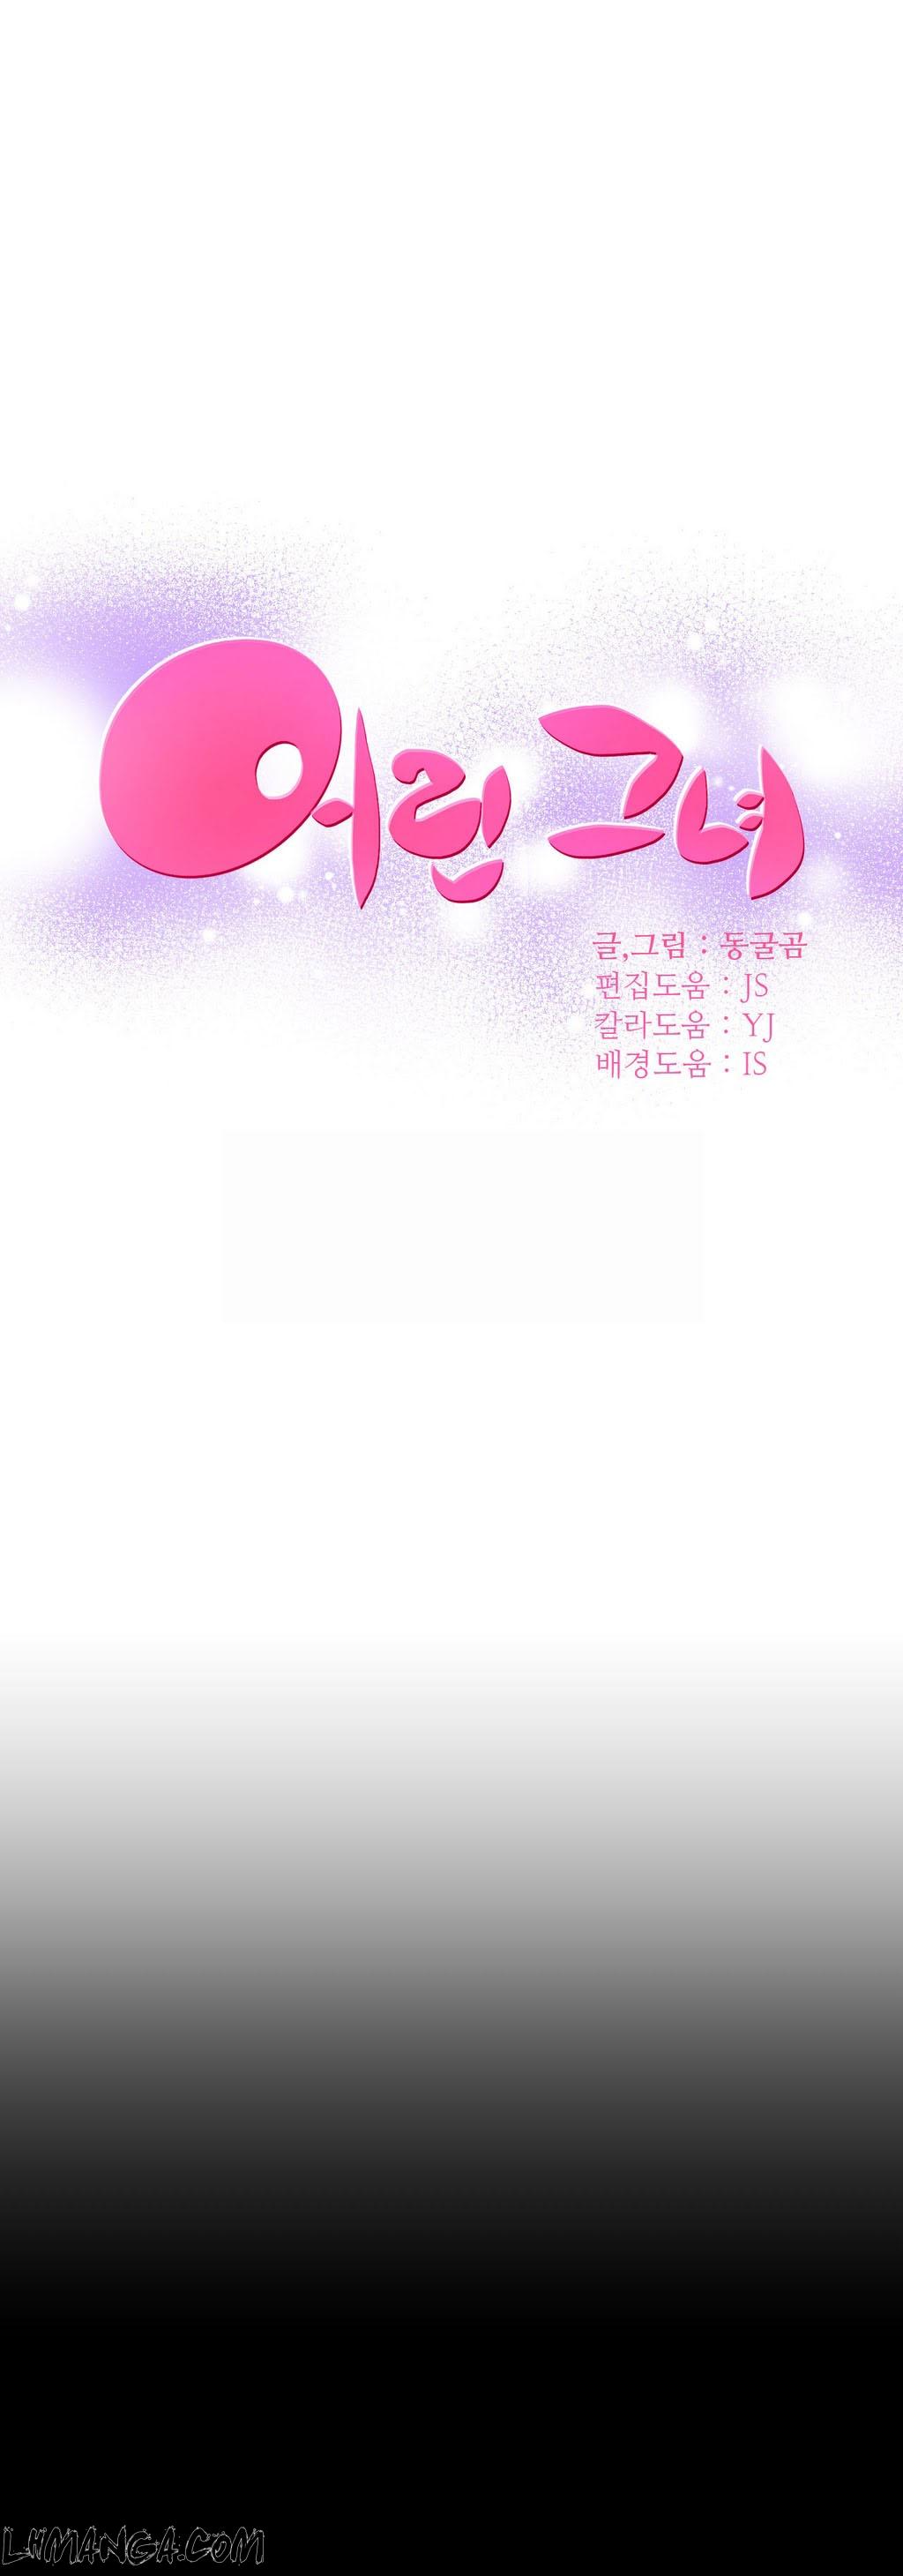 Hình ảnh HINH_00002 in [Siêu phẩm Hentai] Little Girl Full